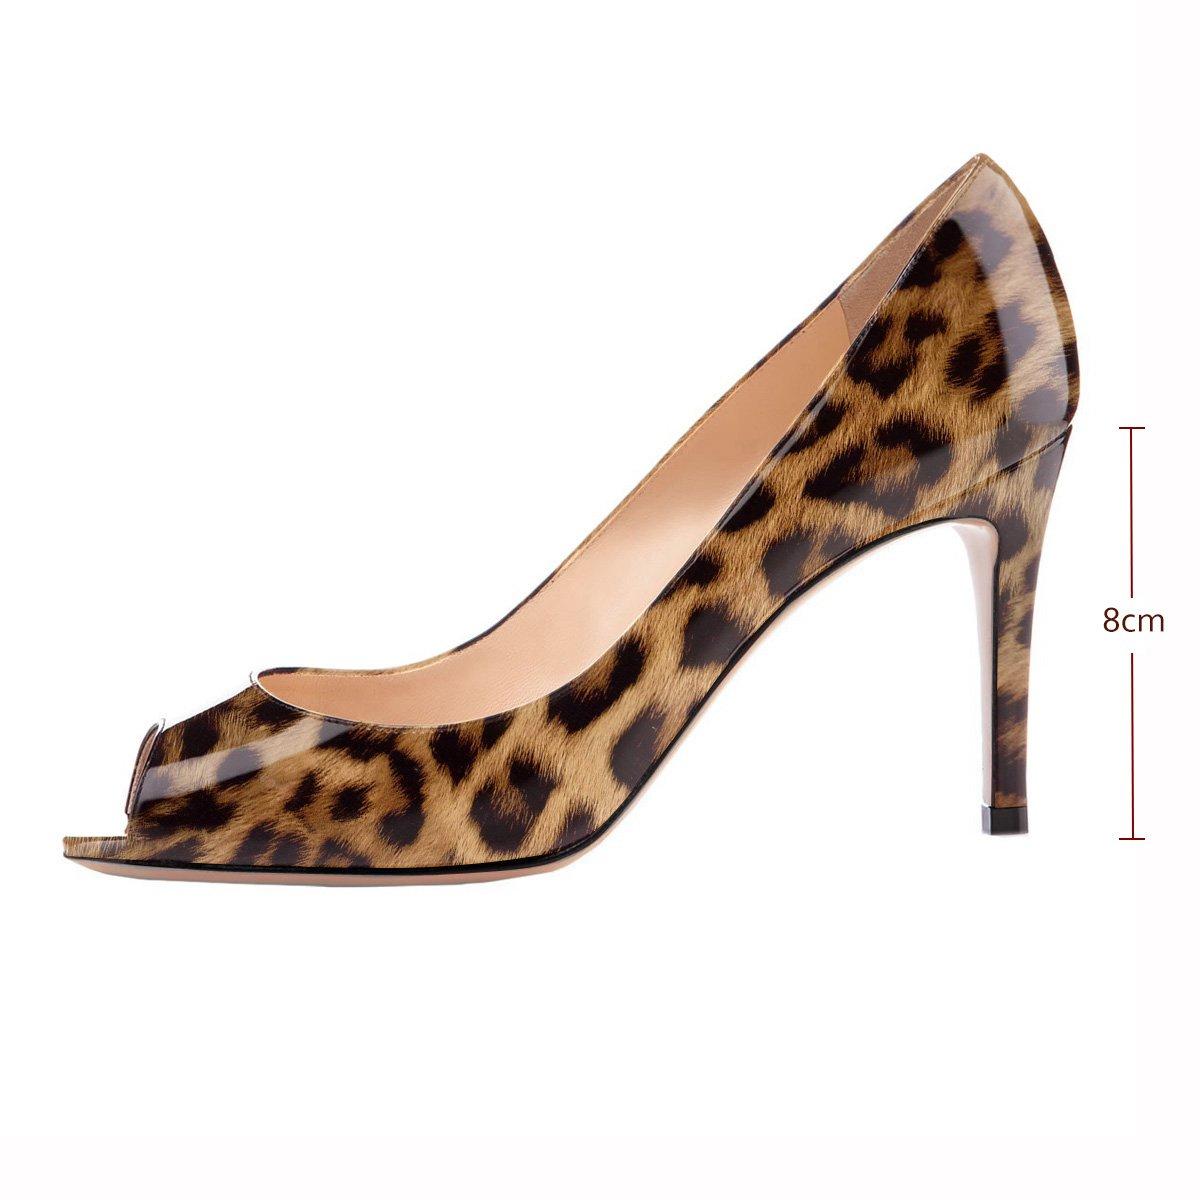 Eldof Women Peep Toe Pumps Mid-Heel Pumps Formal Wedding Bridal Classic Heel Open Toe Stiletto B07F1KZ2B7 7 B(M) US|Leopard